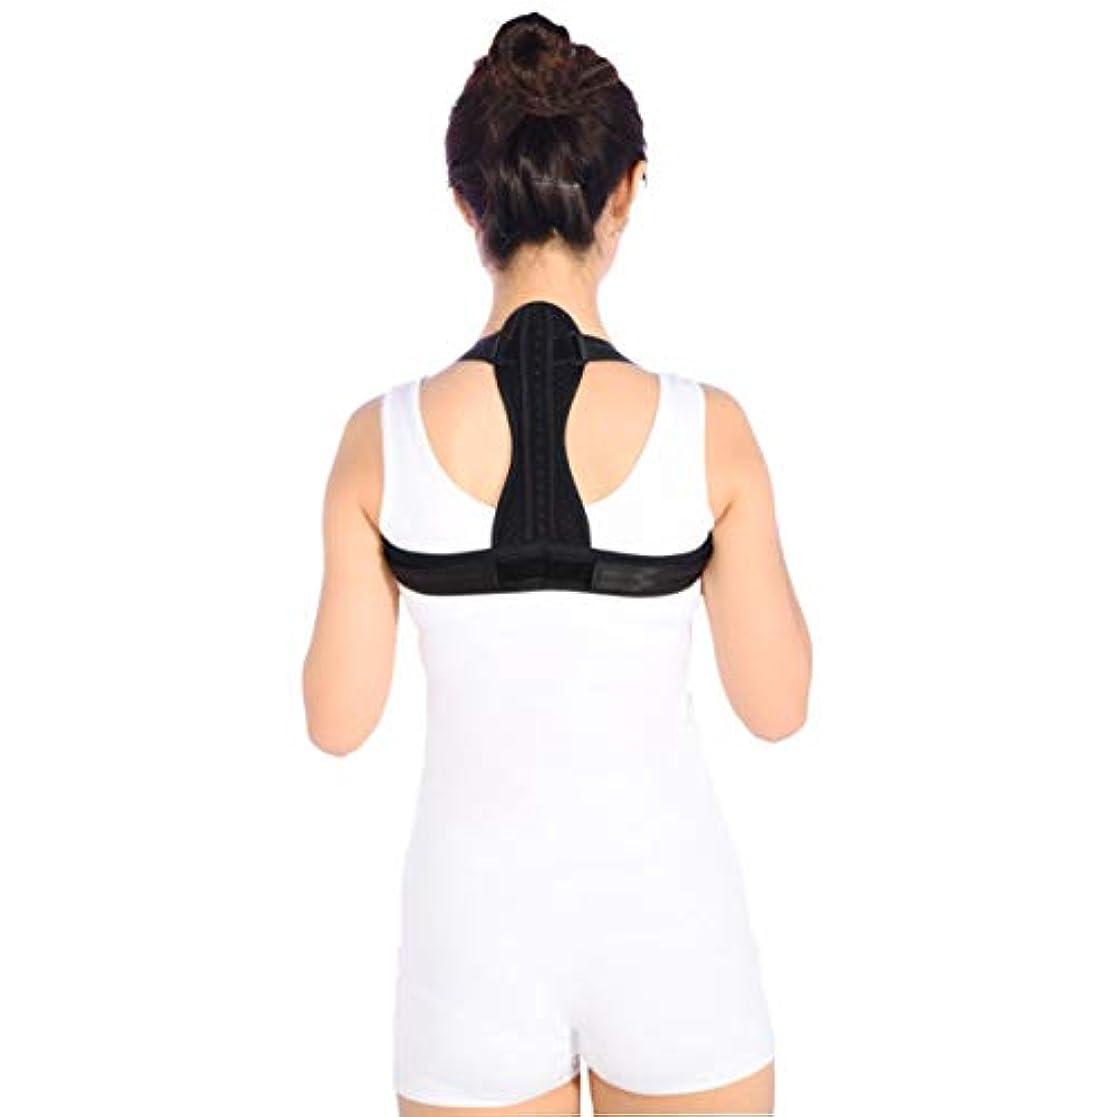 便利さ理解検索エンジン最適化通気性の脊柱側弯症ザトウクジラ補正ベルト調節可能な快適さ目に見えないベルト男性女性大人学生子供 - 黒